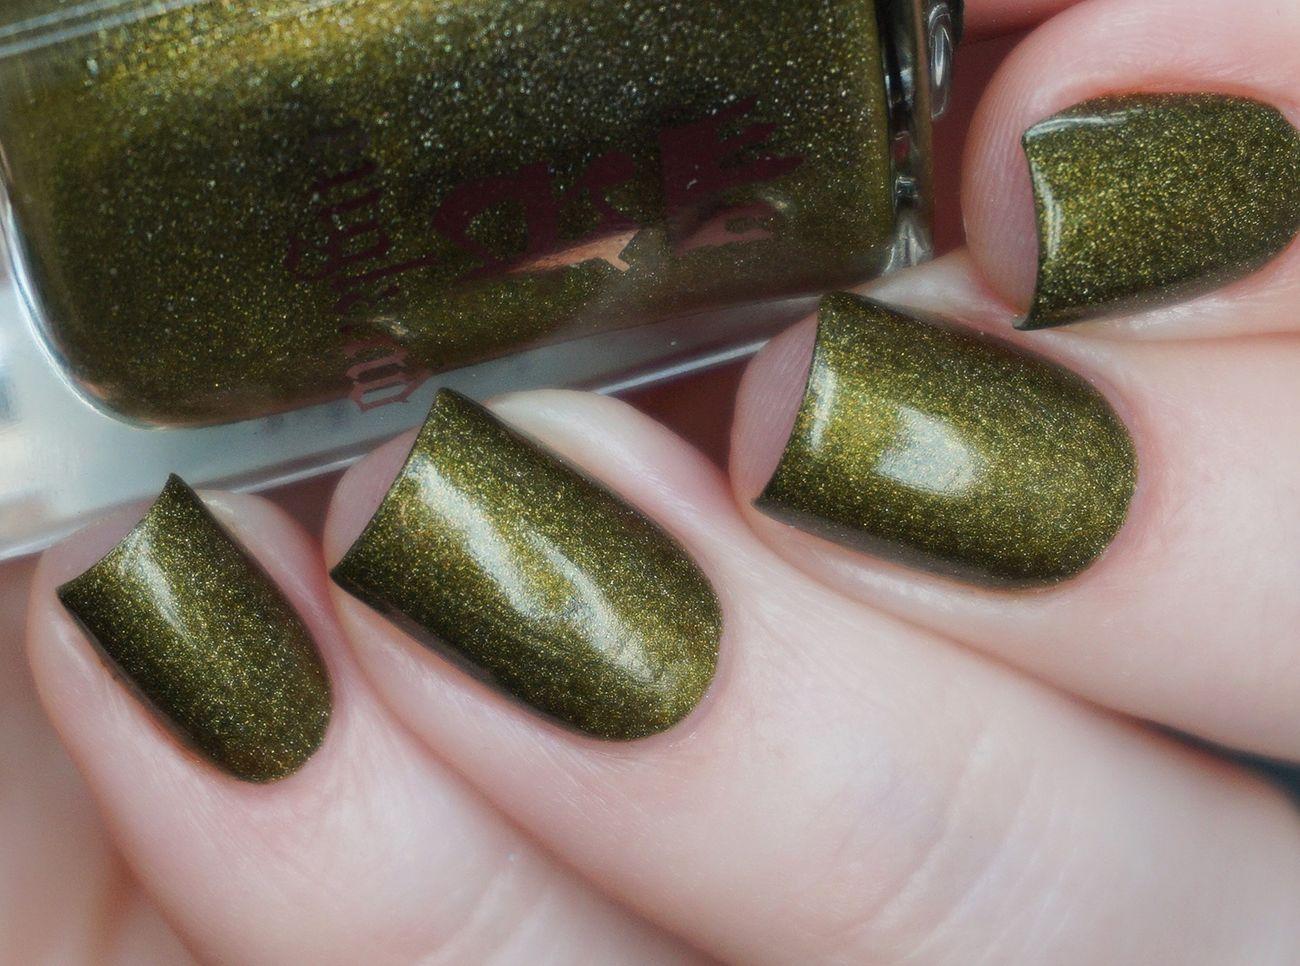 A-England Fotheringhay Castle Nailpolish Aengland Nails2inspire Naillove Nailpolishaddict Nailsoftheday Nailswag Nailporn Nails <3 Nails